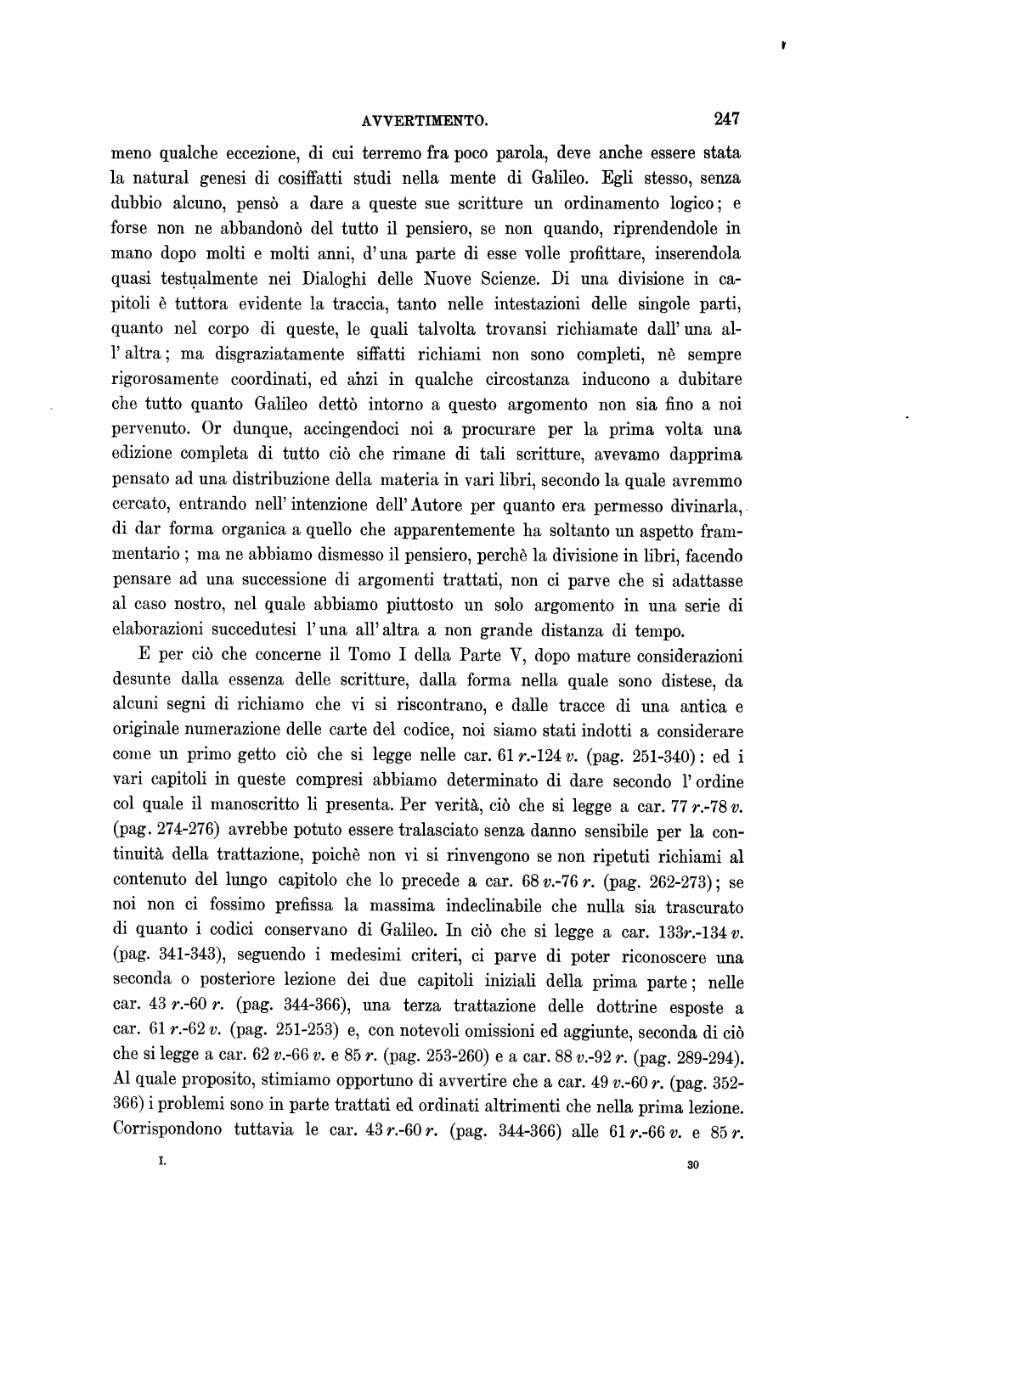 Pagina le opere di galileo galilei wikisource for Aggiunte di legge